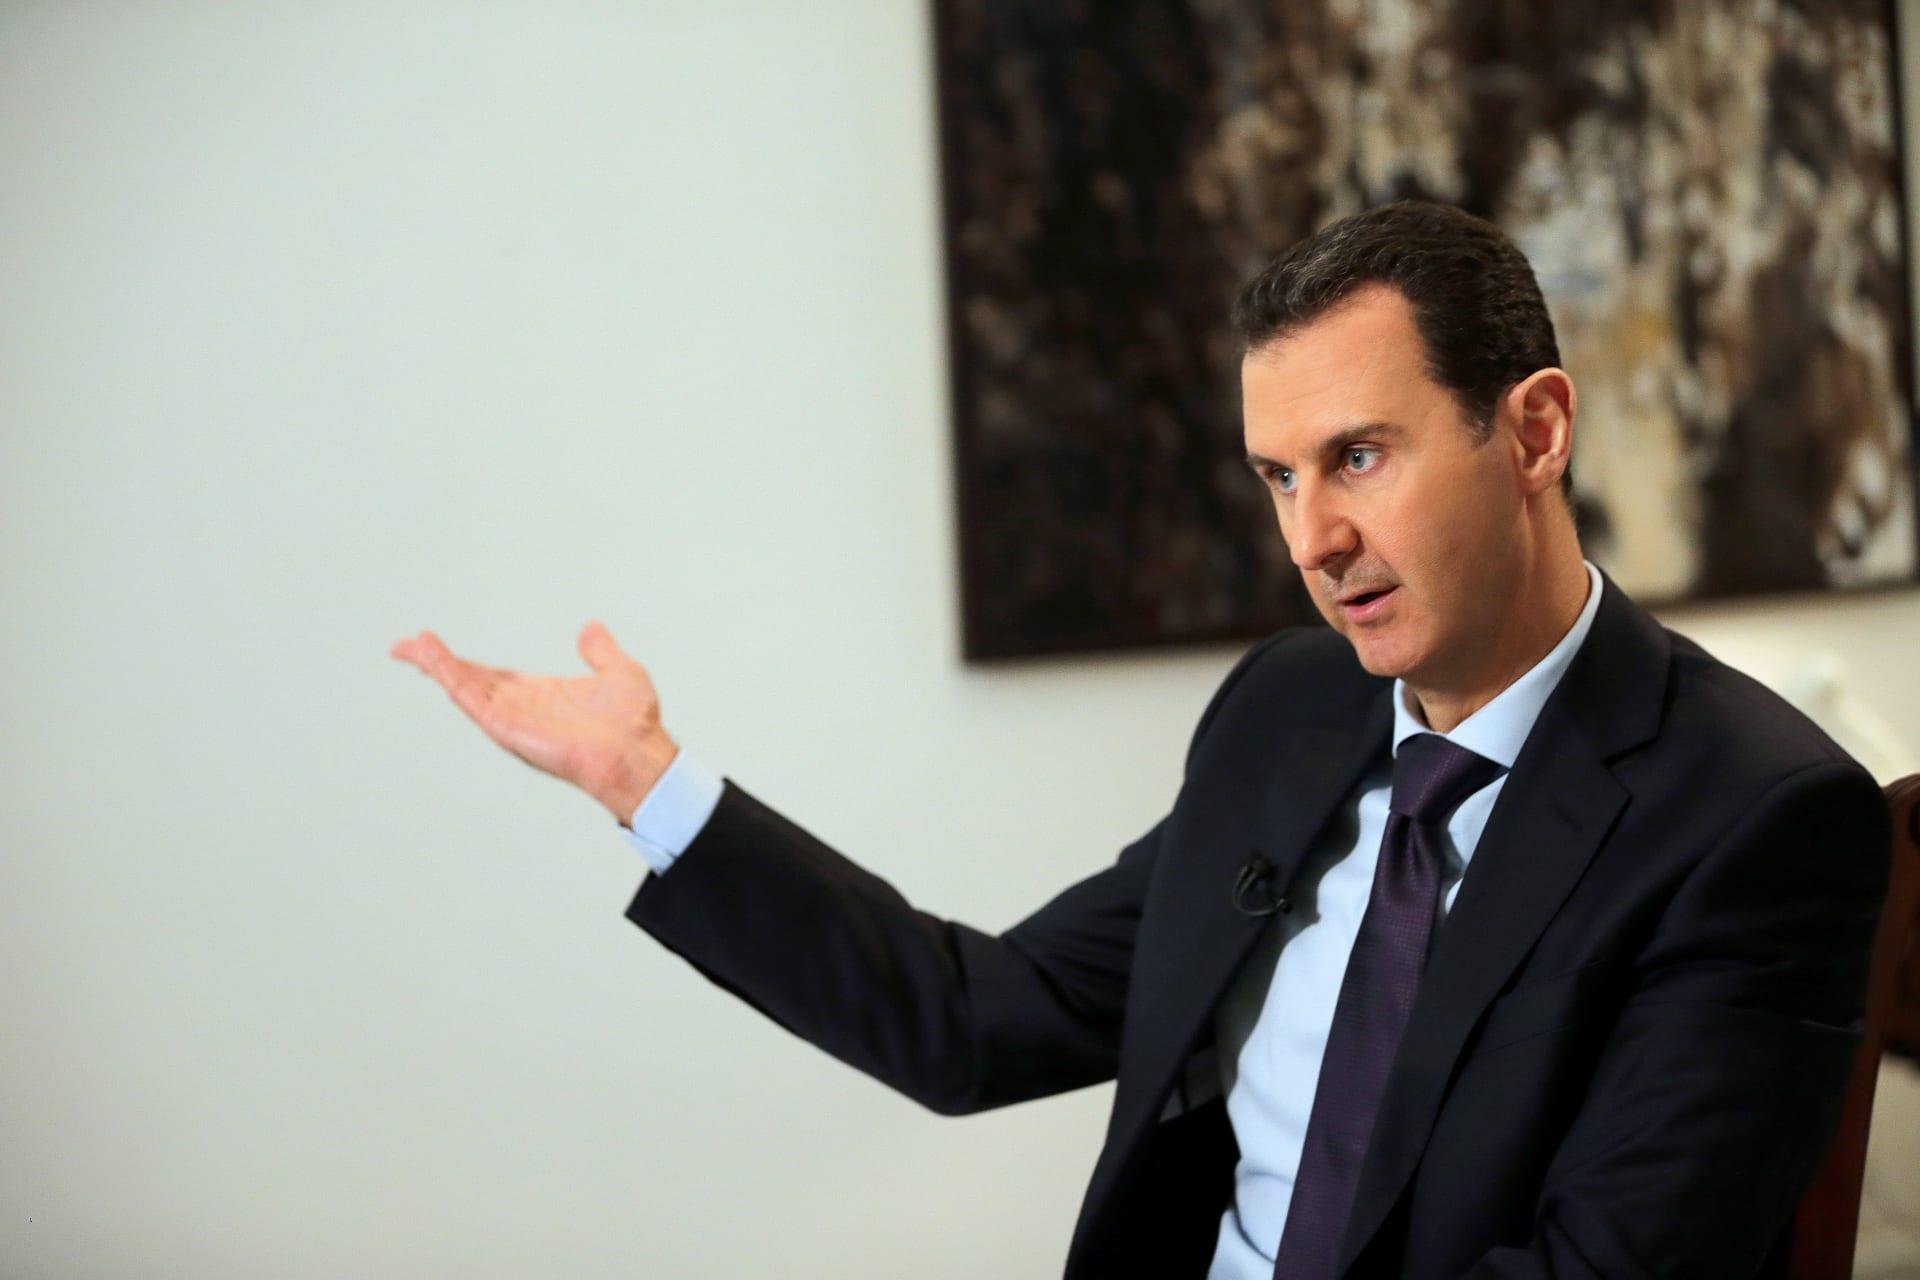 الأسد: صمود سوريا وكوريا الشمالية قادر على تغيير الساحة الدولية